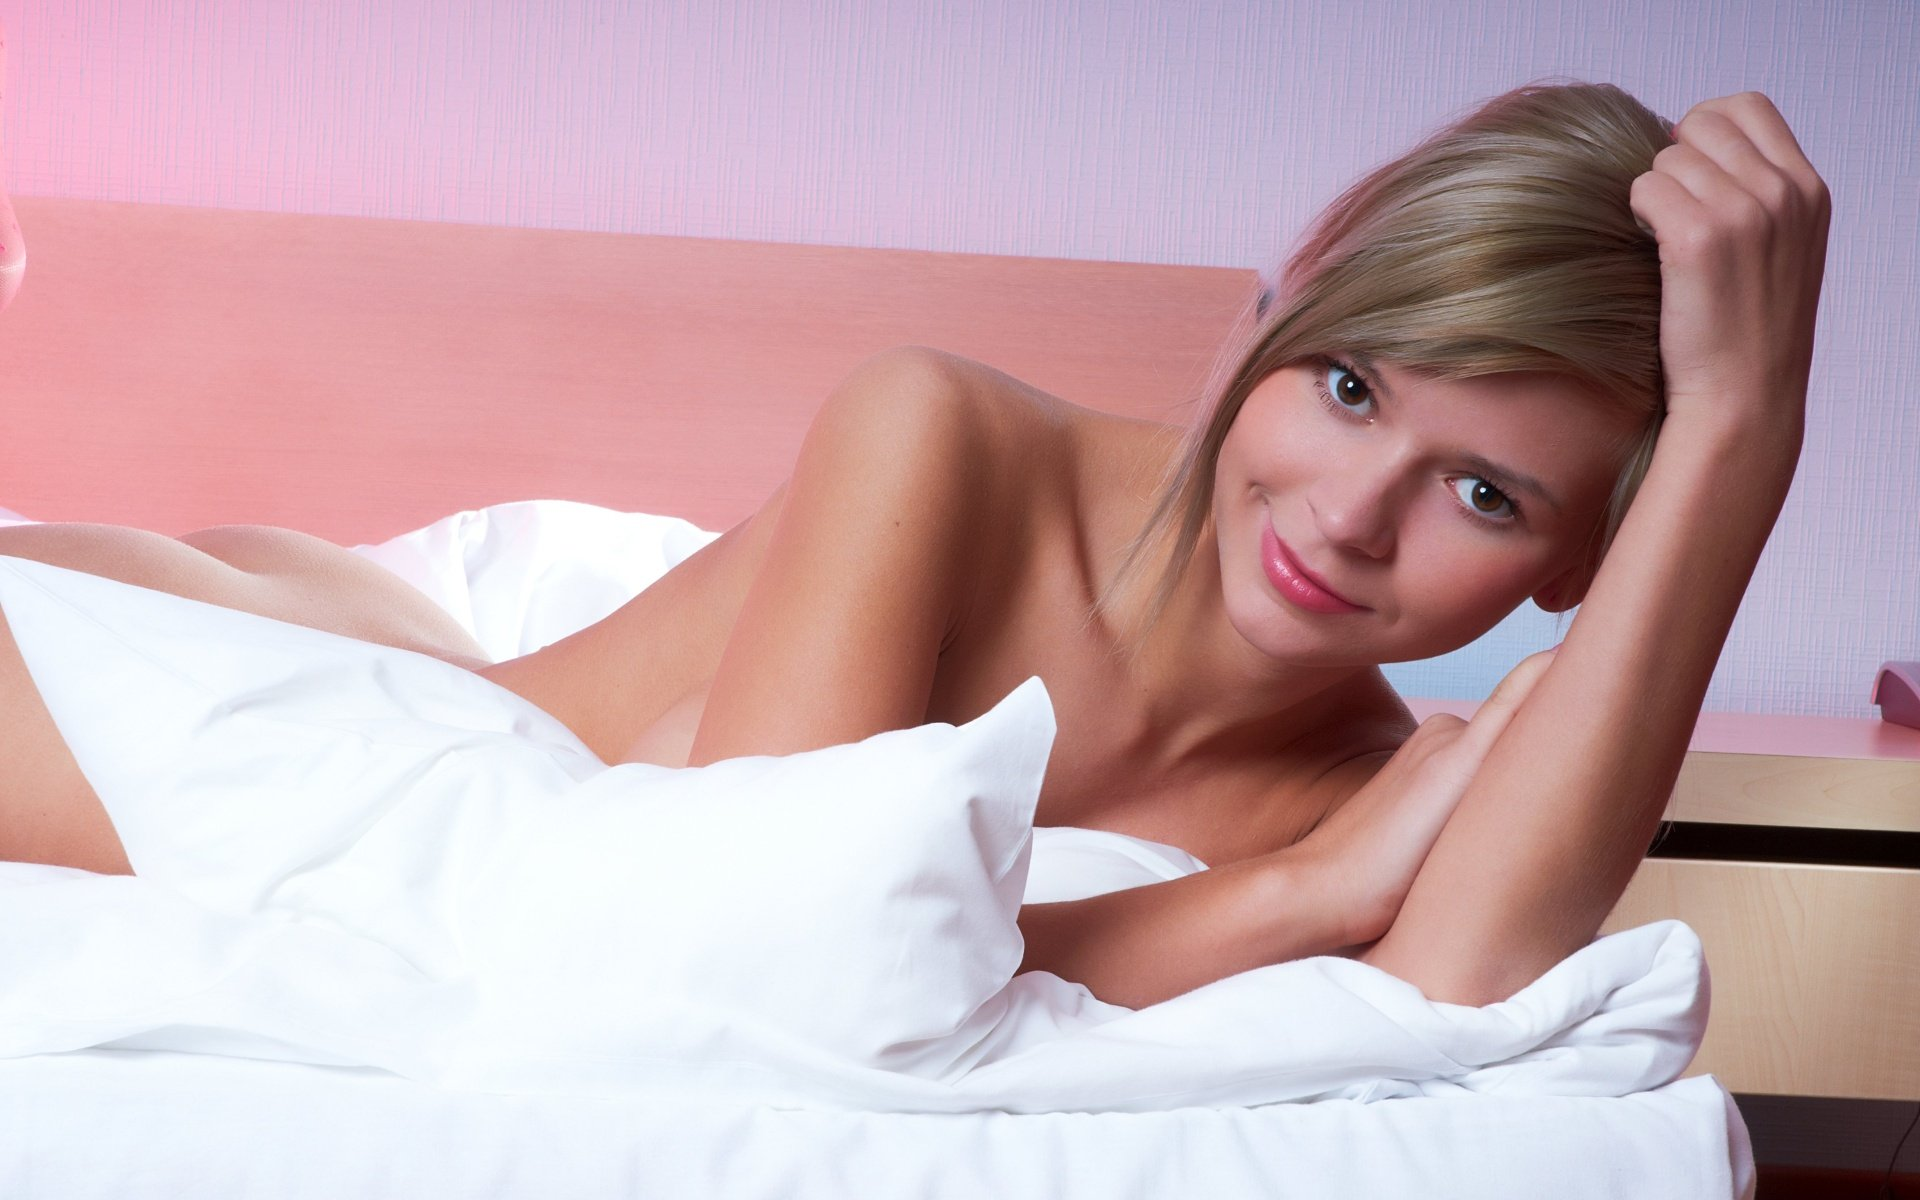 Гламурная детка в розовых чулках на кровати